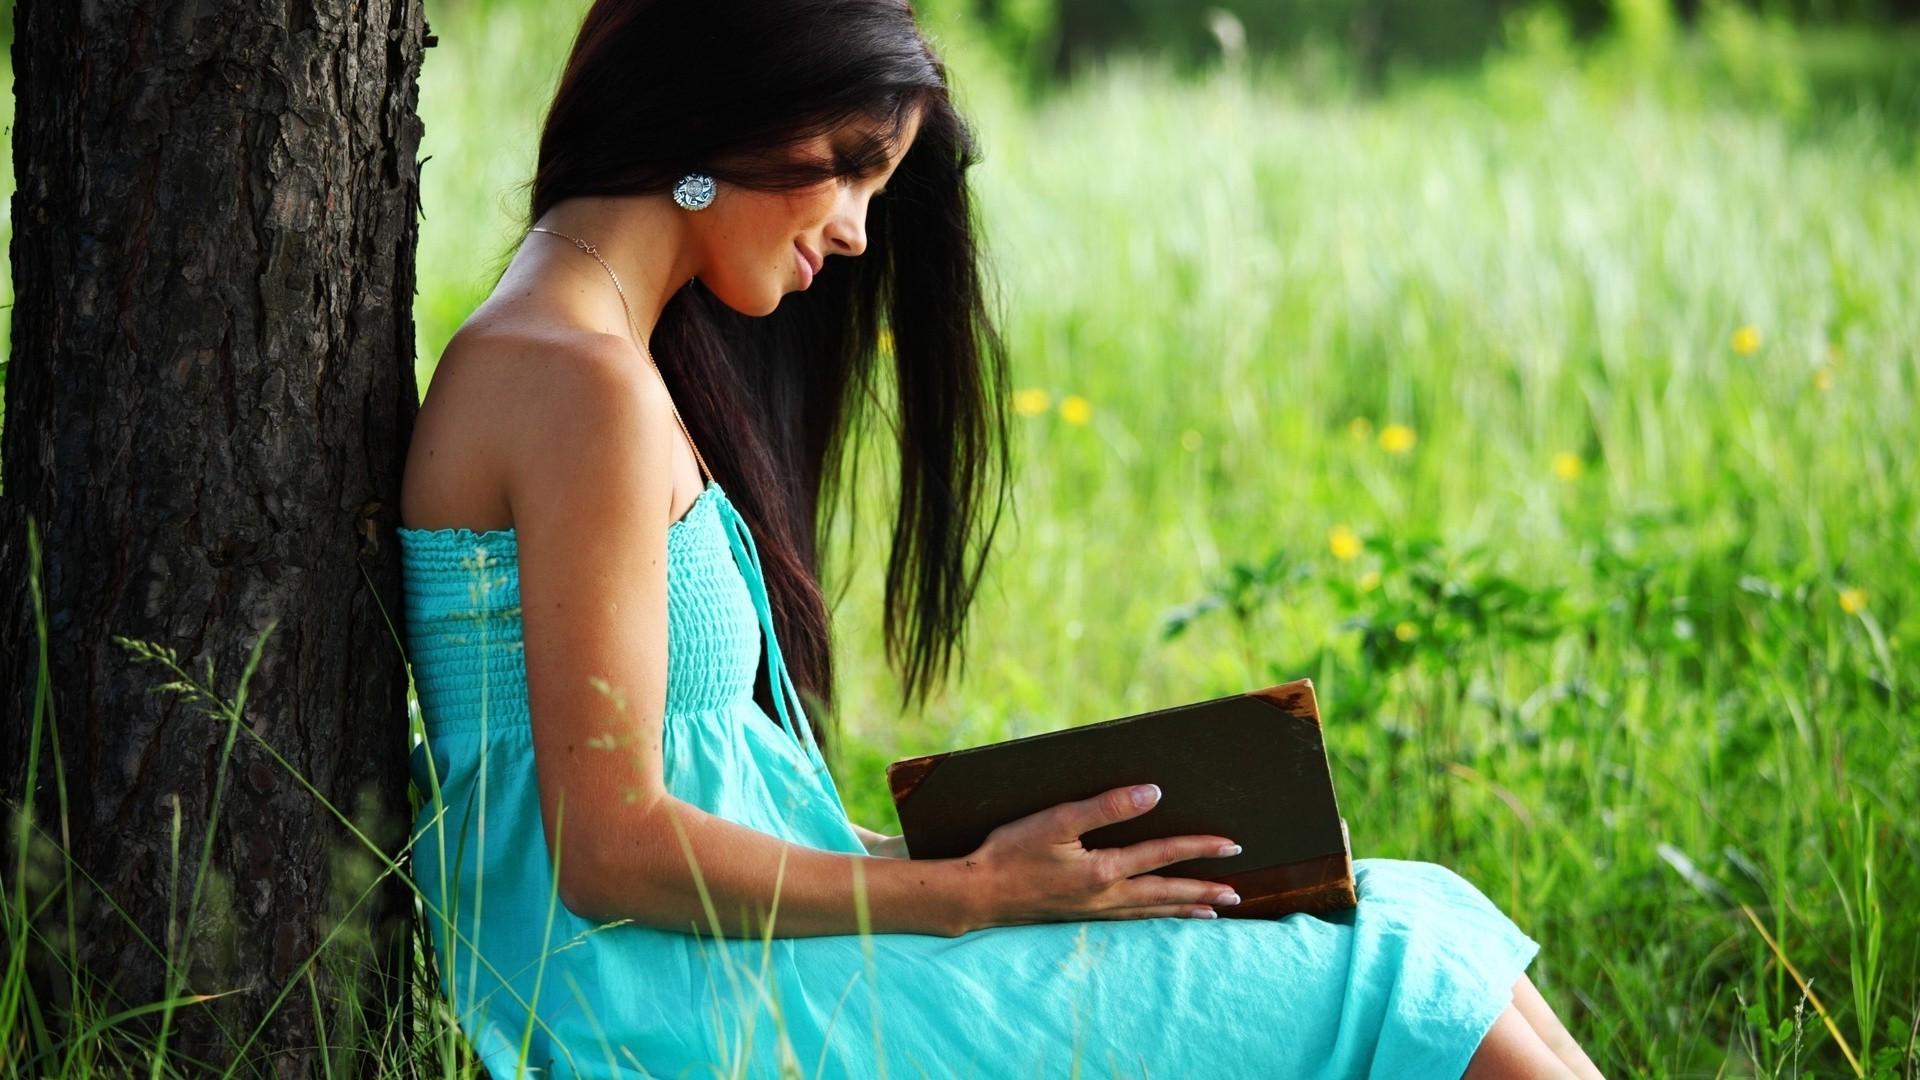 Очень красивые фото девушек брюнеток на аву